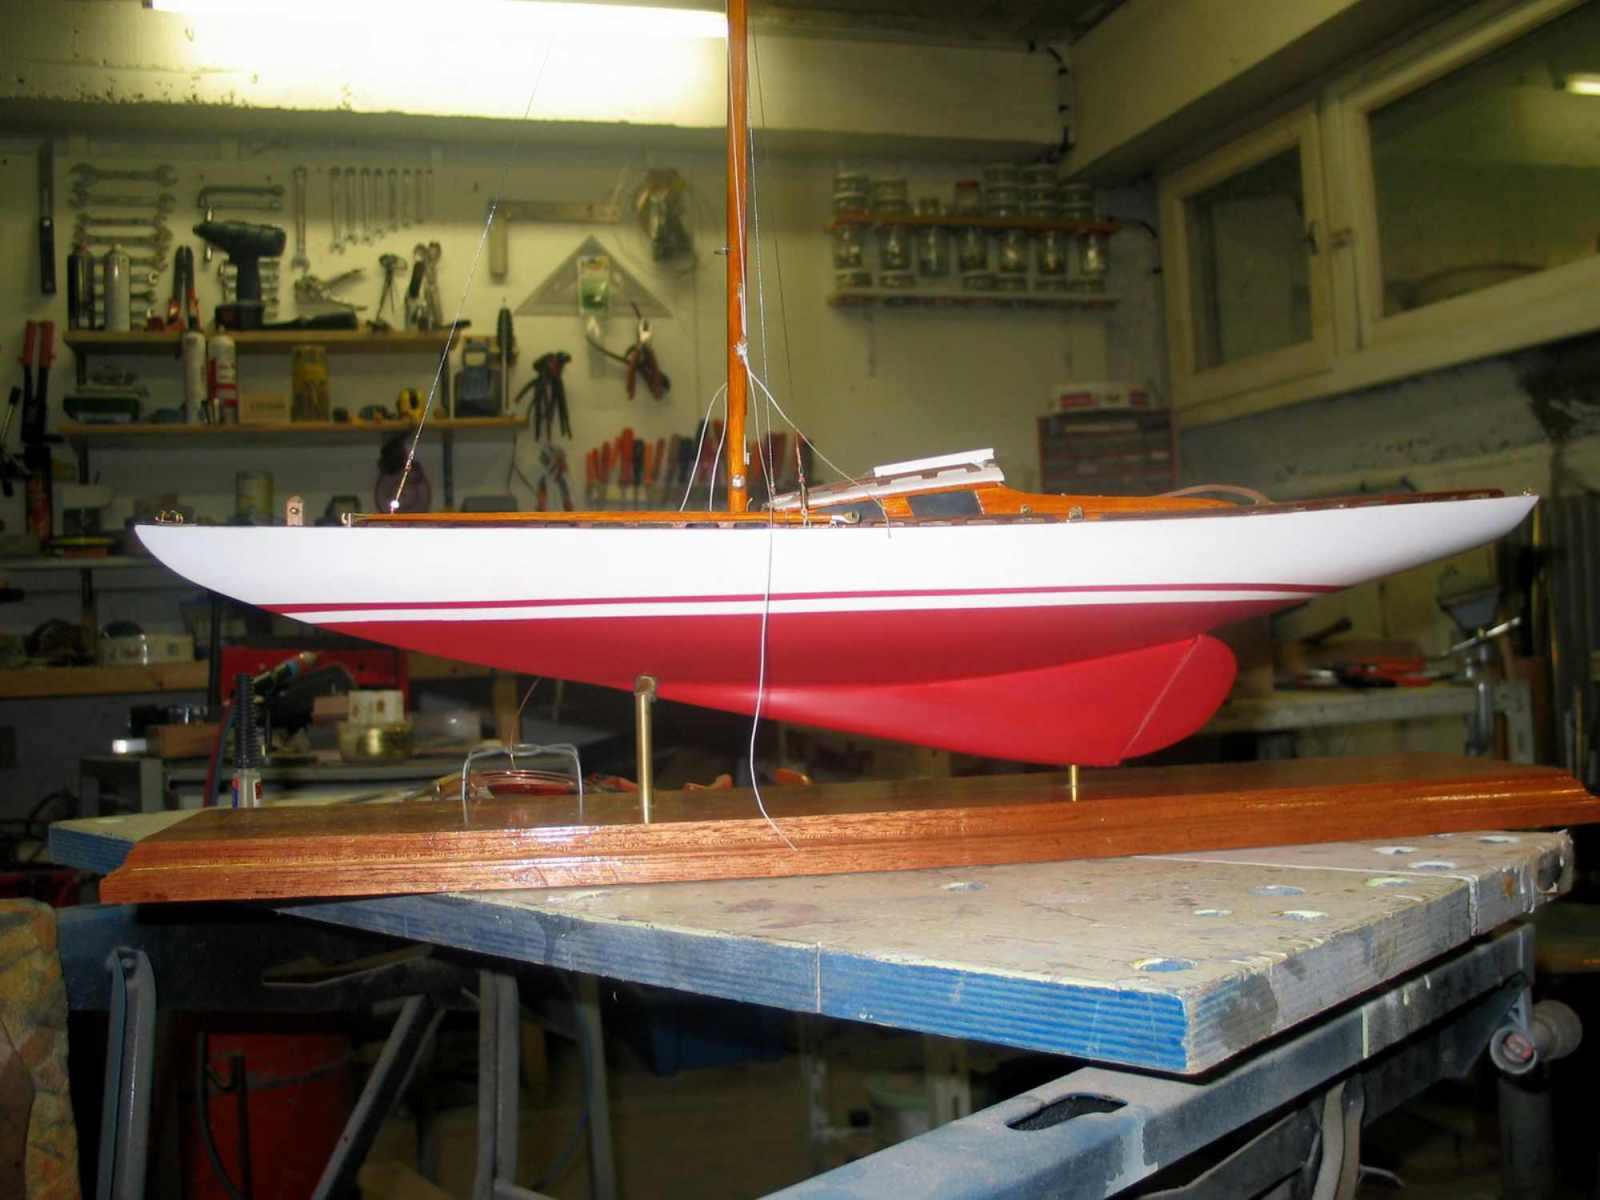 Maquette de voilier requin bateau plaisance et de régate